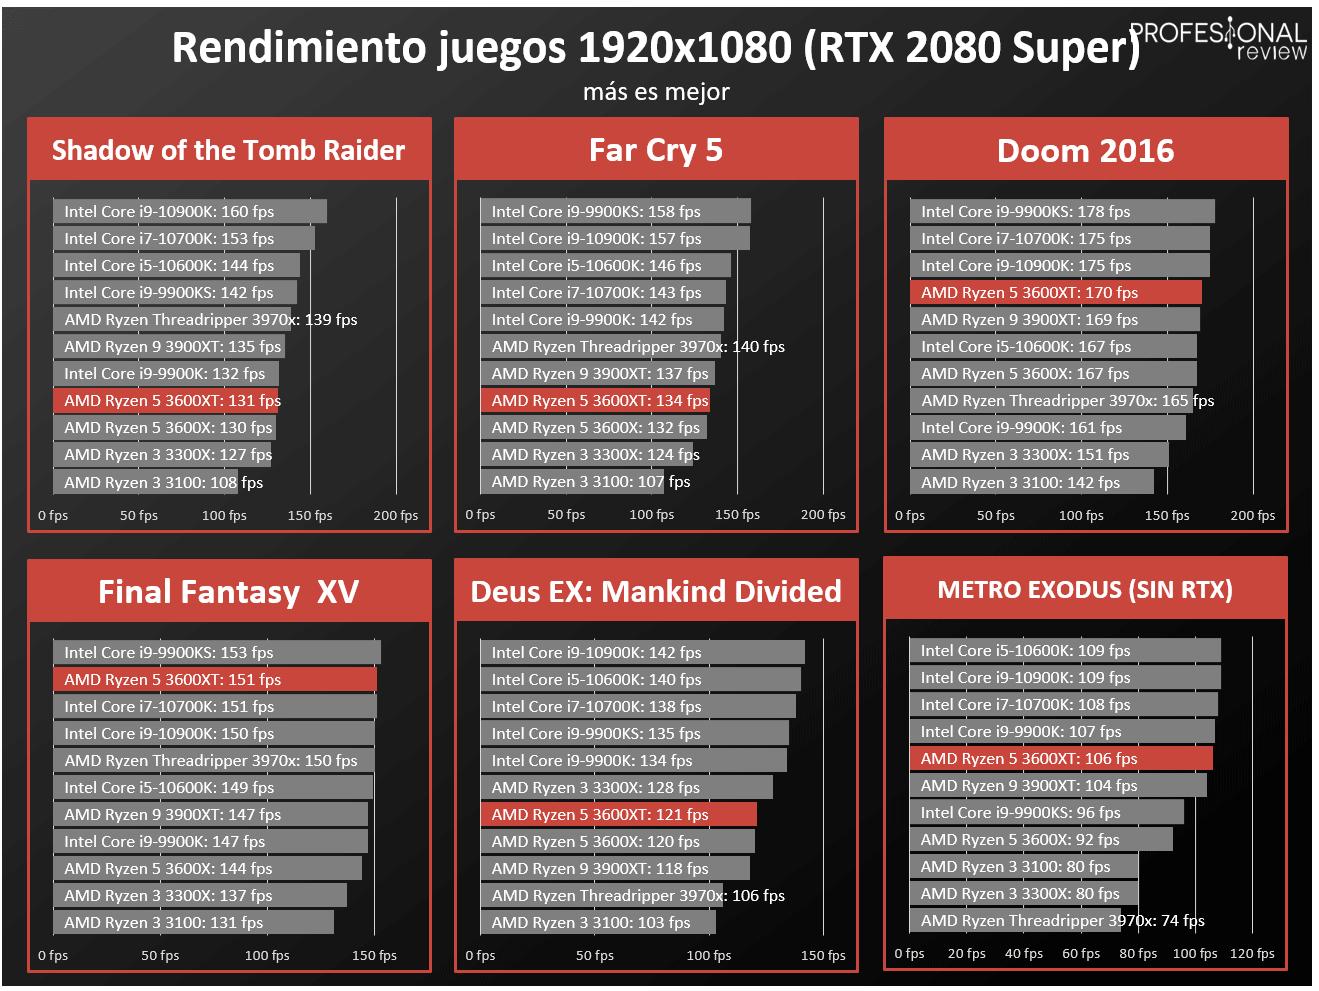 AMD Ryzen 5 3600XT FPS